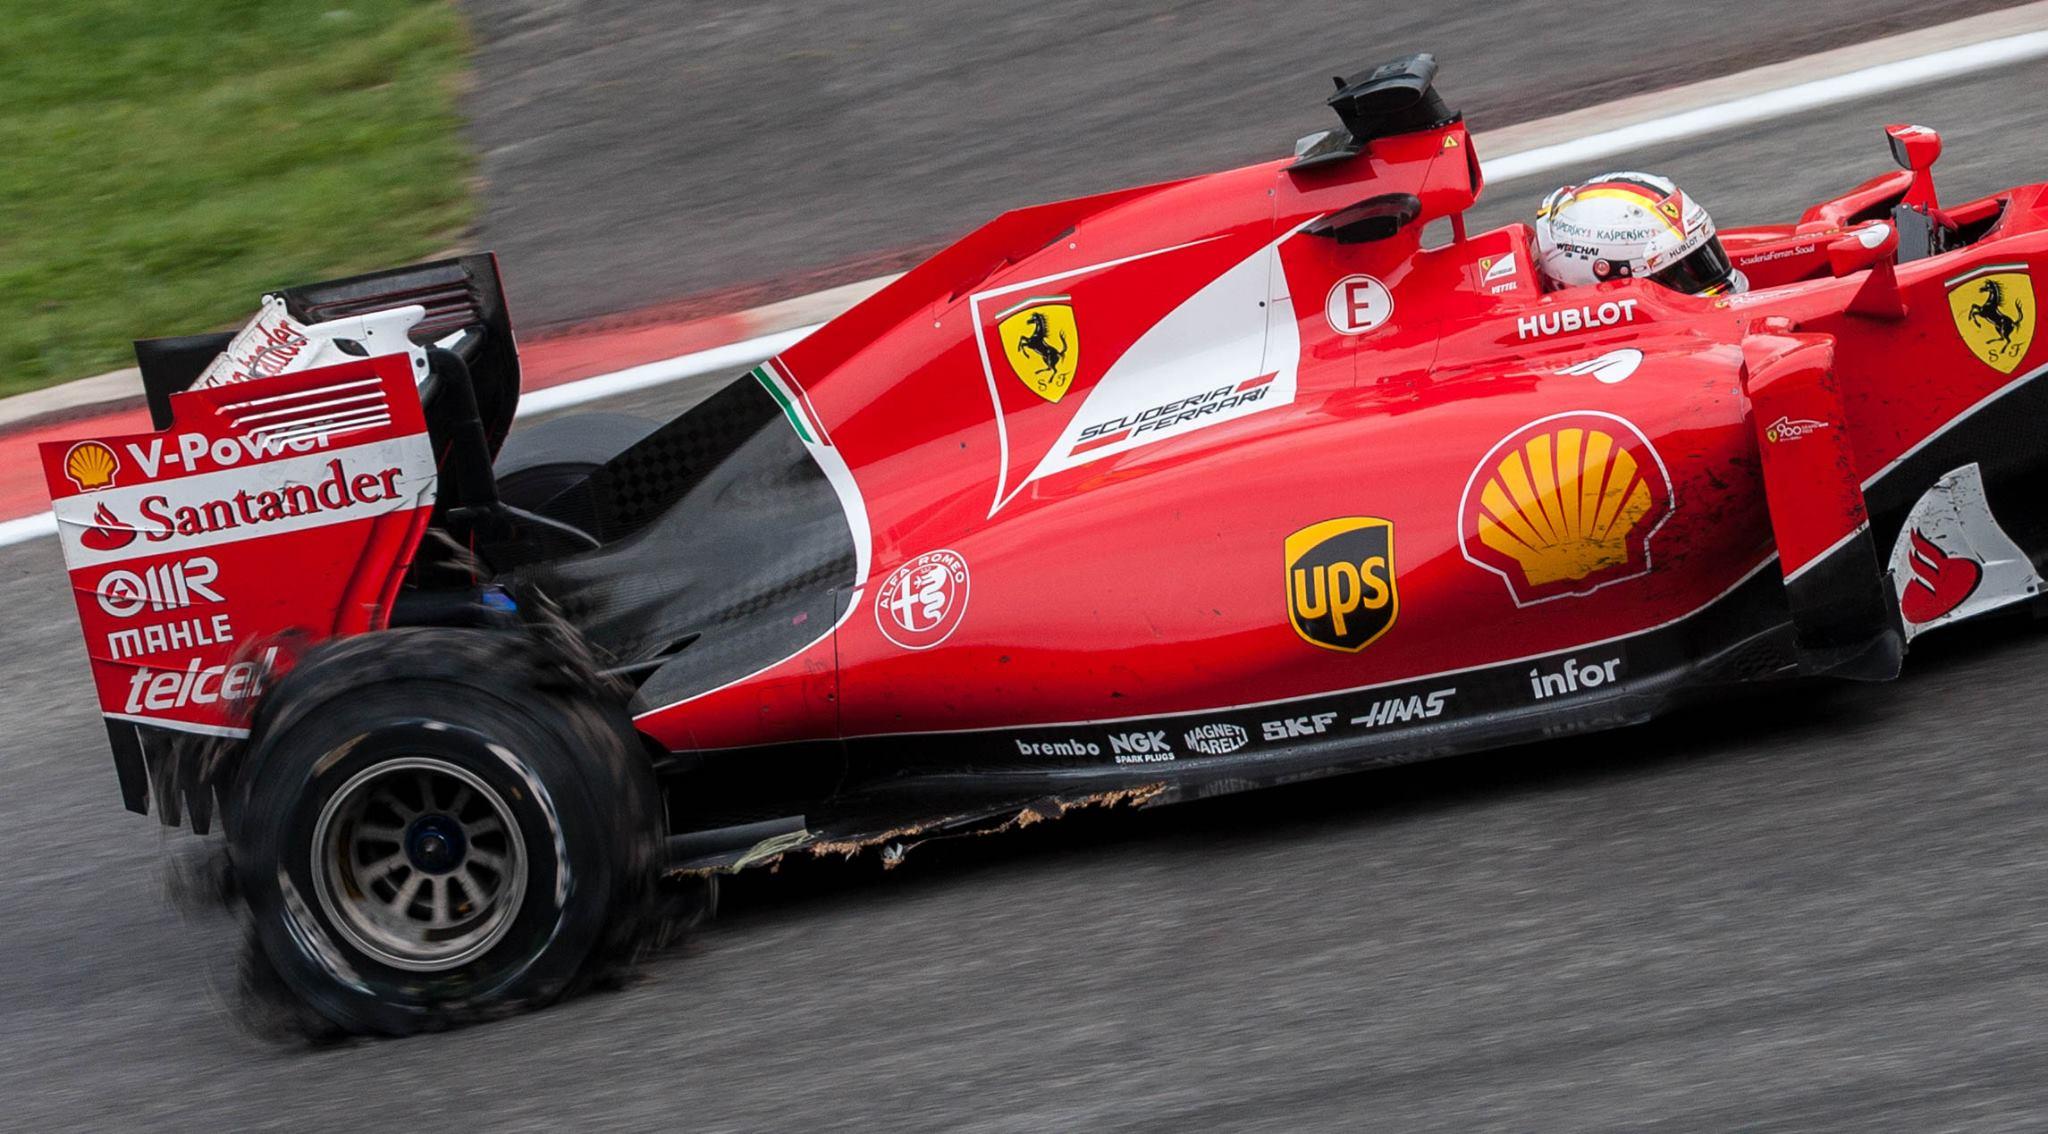 Door een lekke band verloor Vettel de derde plek (Foto: FOK!/CloseToTheEdge)